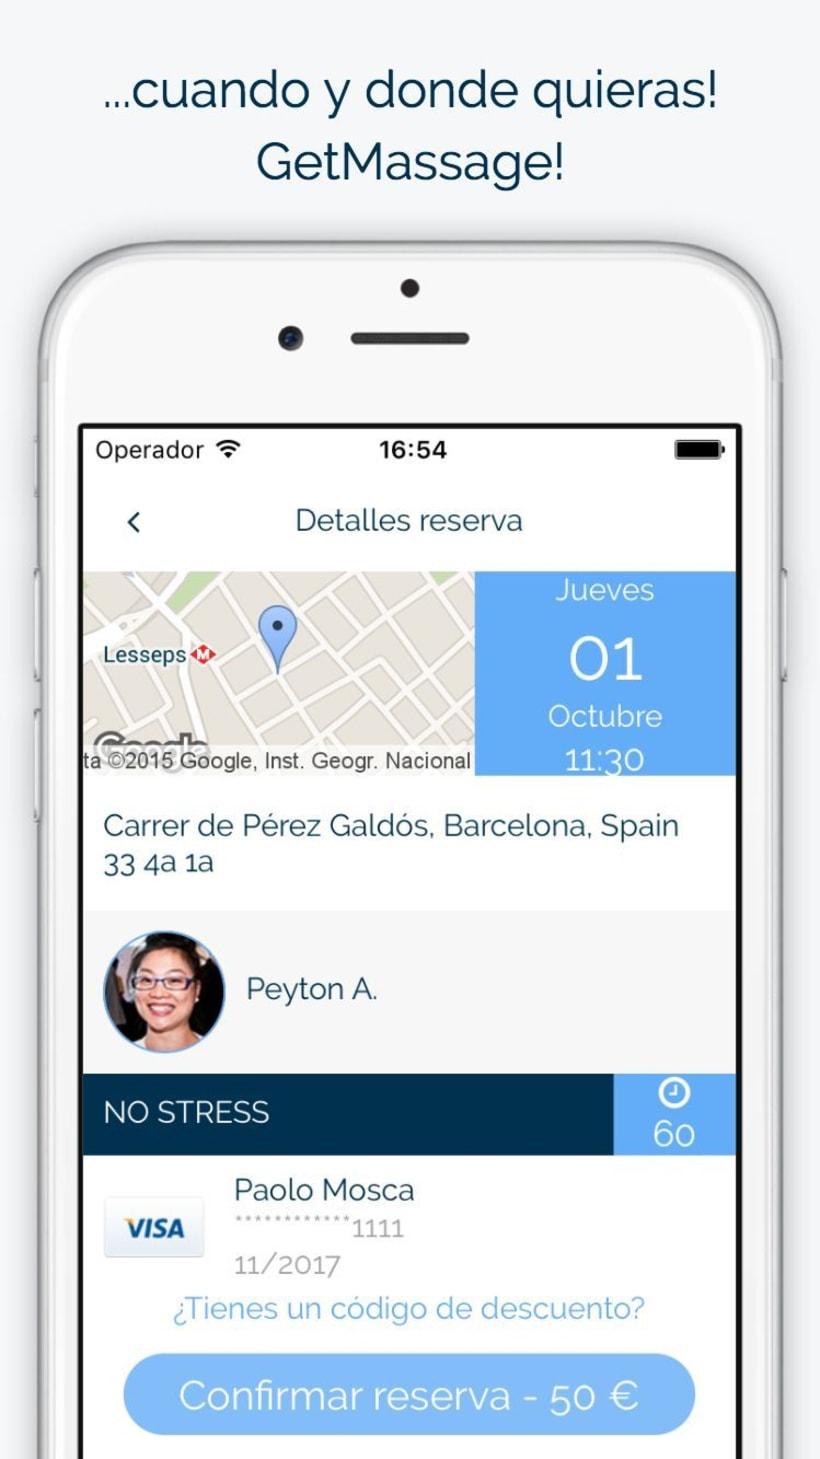 GetMassage App 2